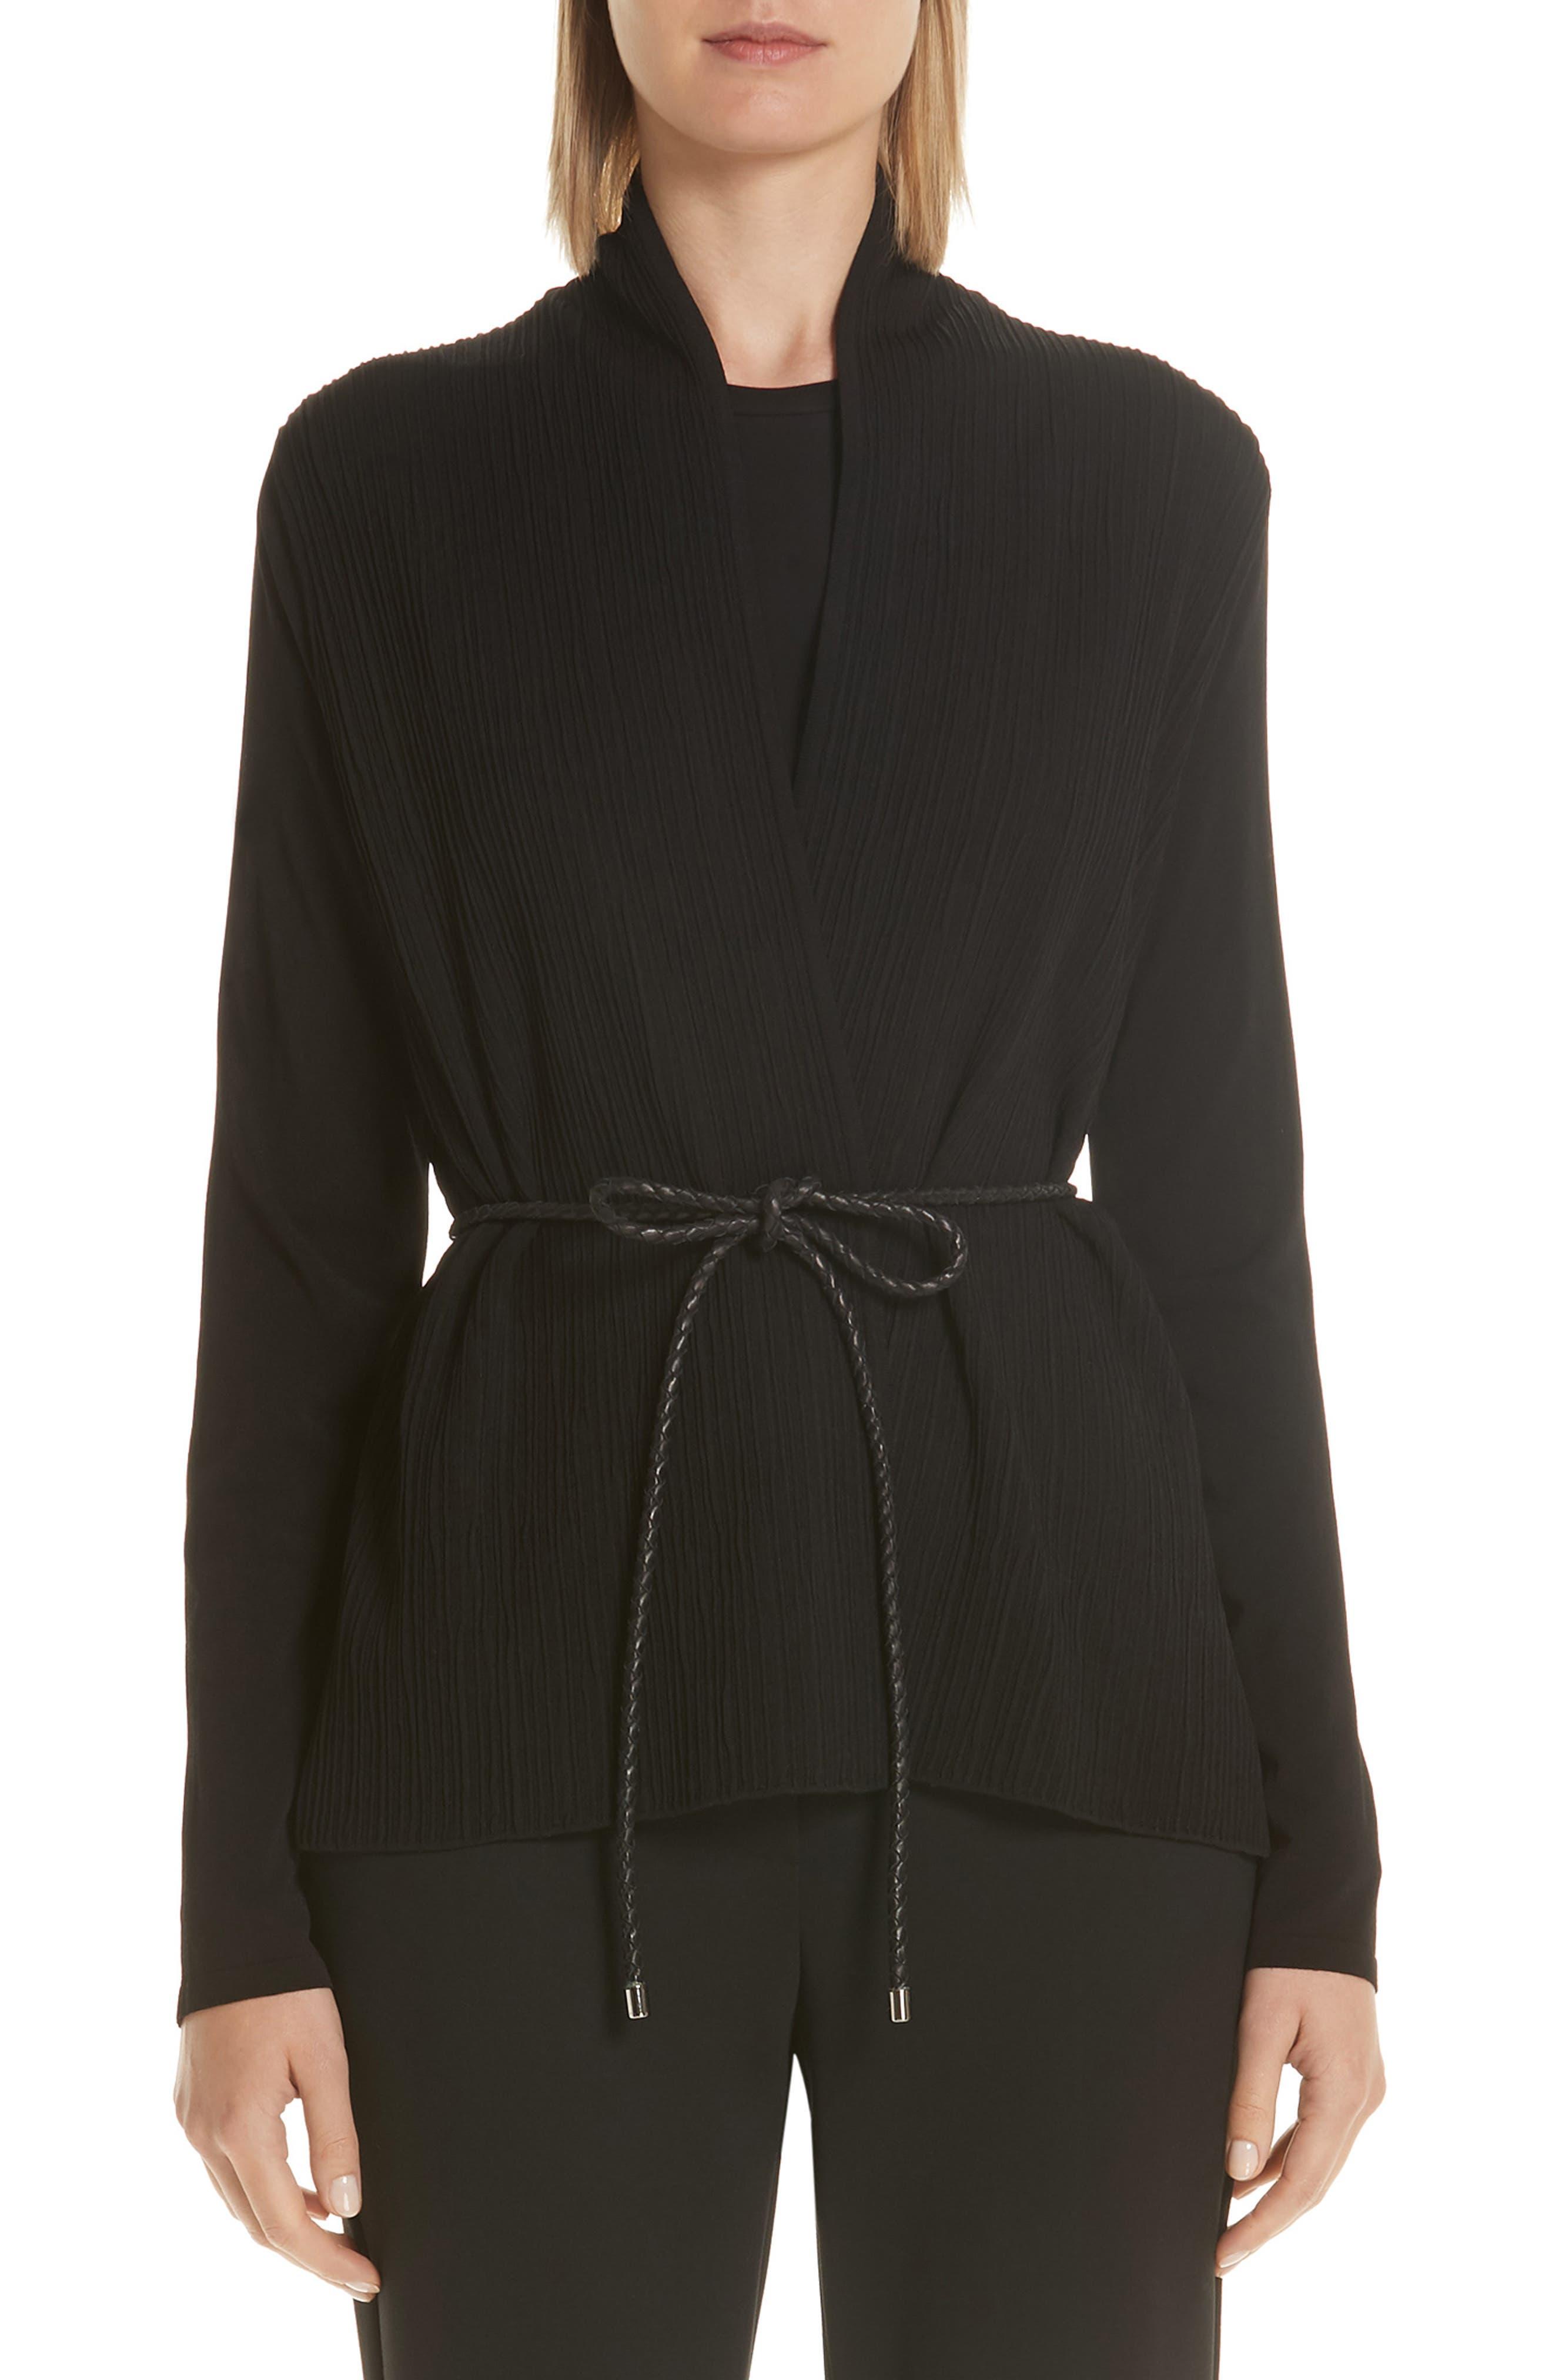 Vorra Belted Knitted Plisse Cardigan in Black